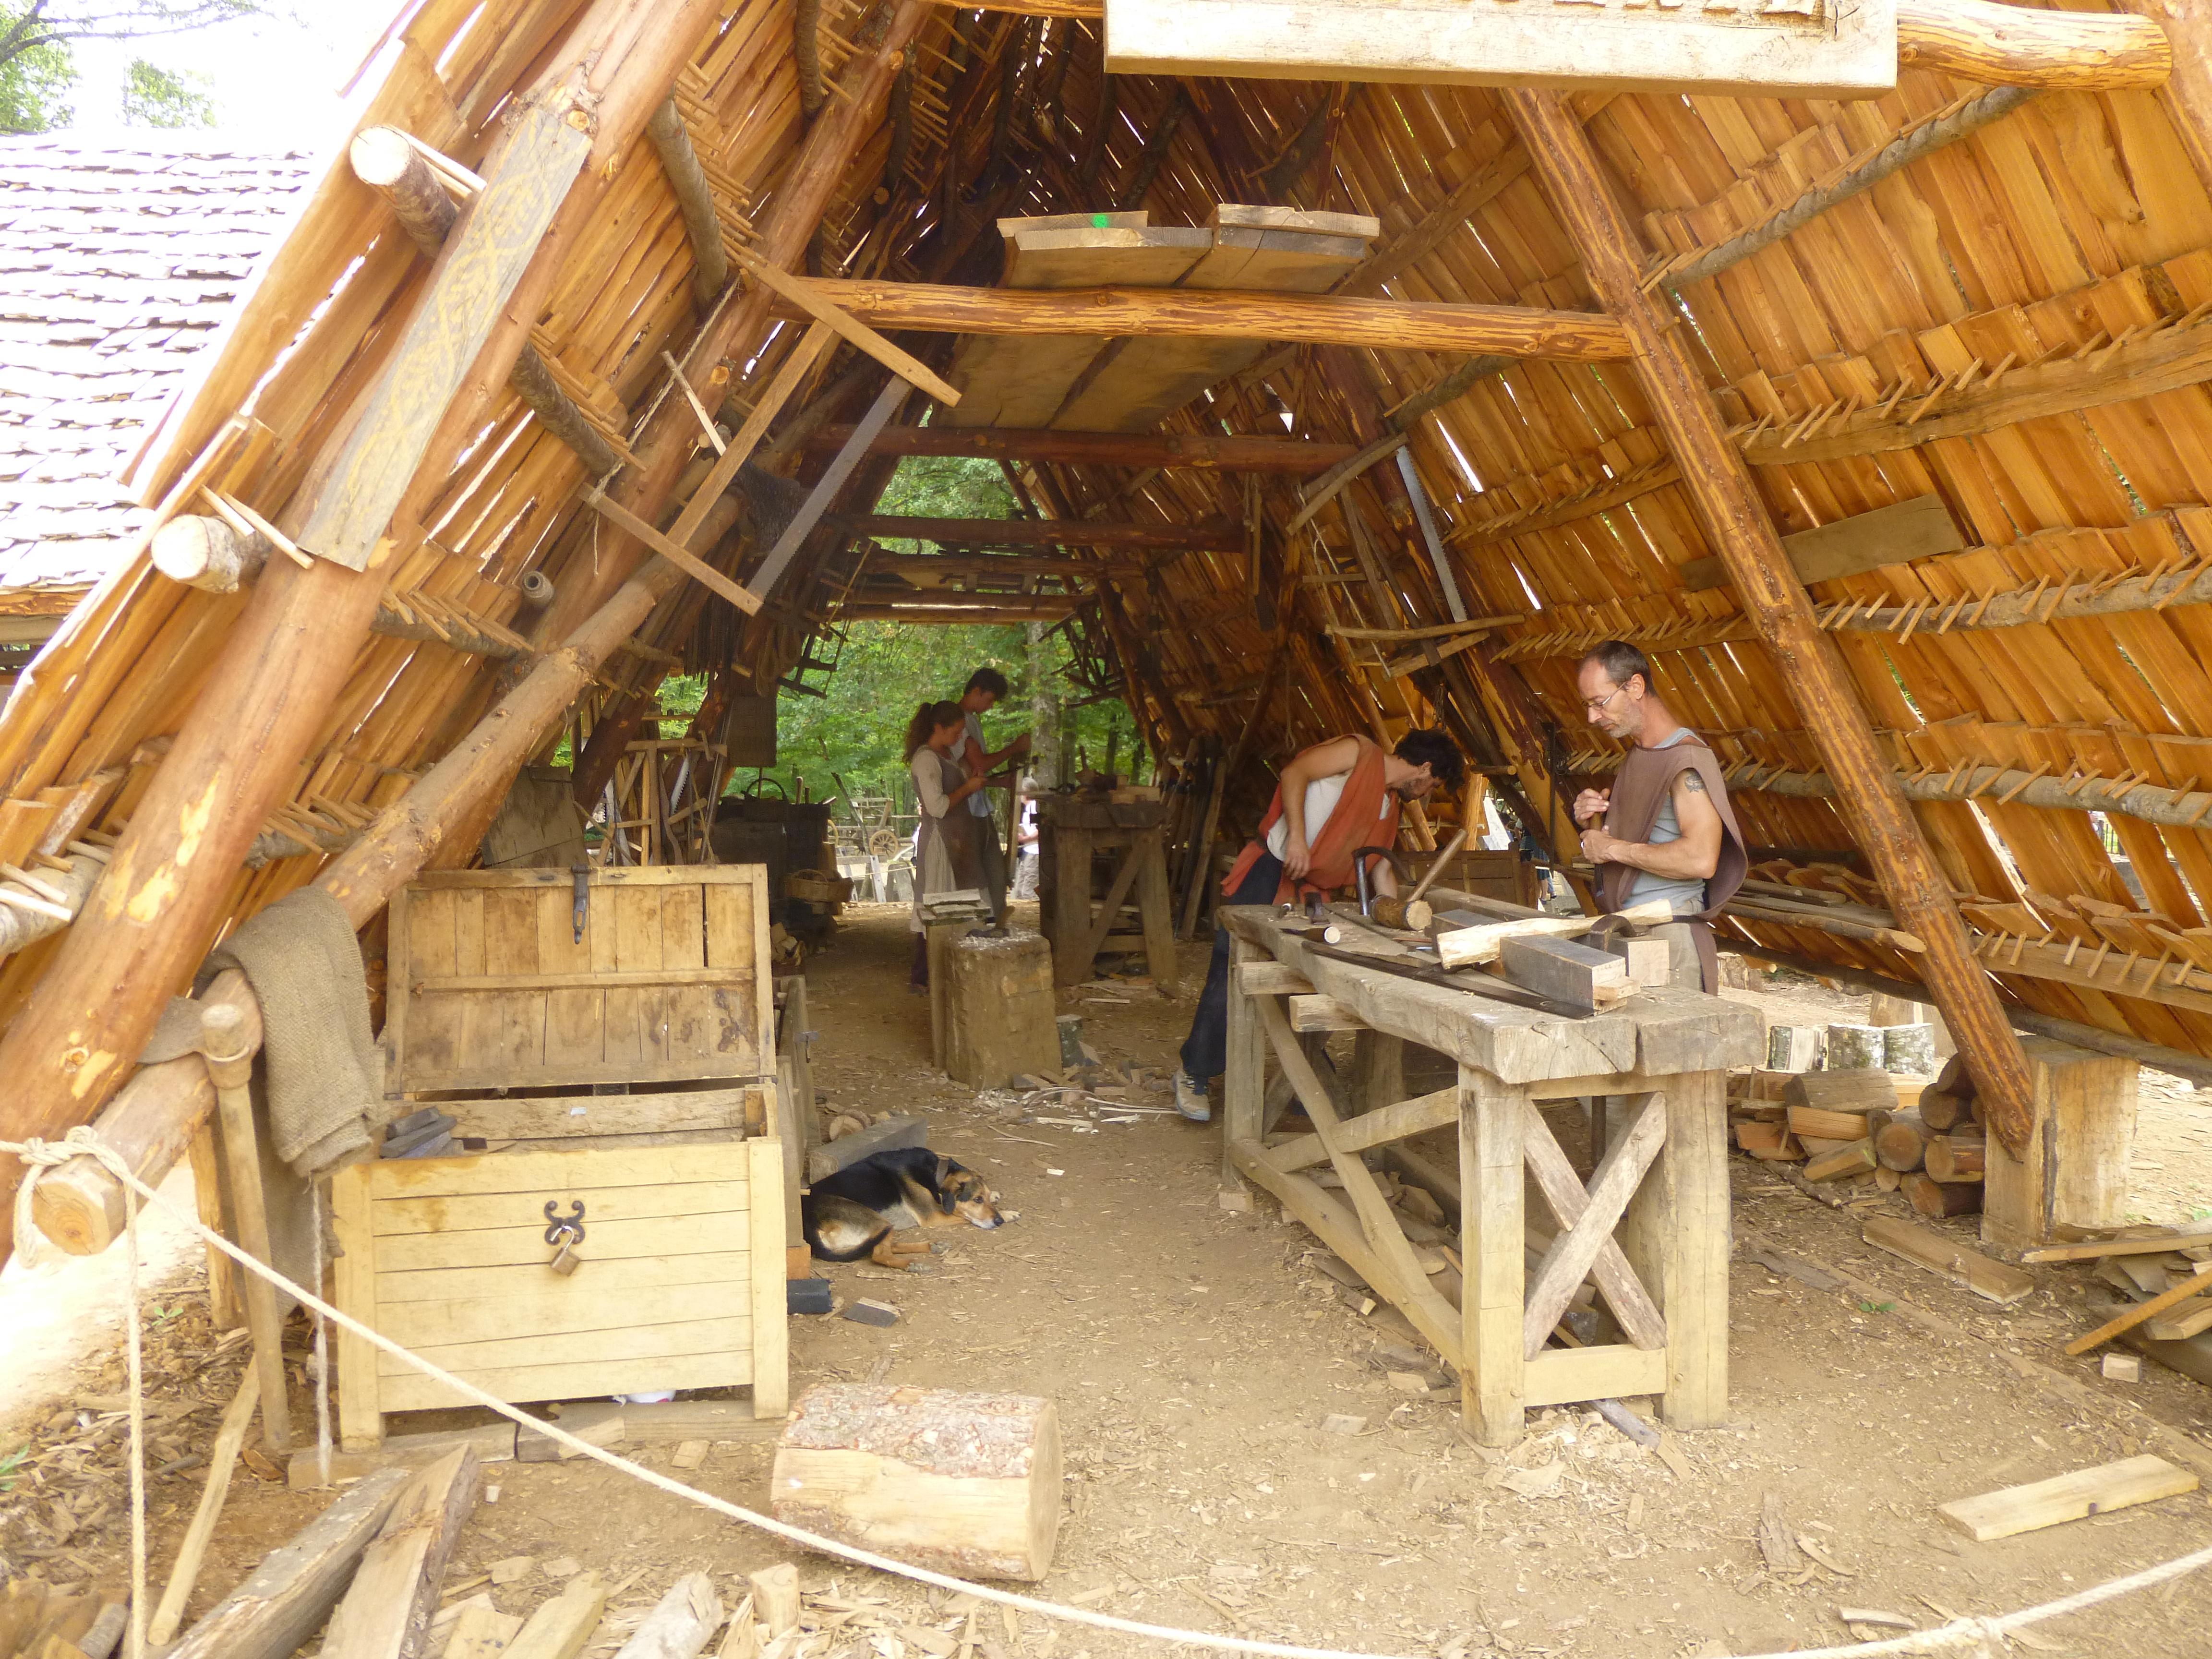 Le chantier médiéval de Guédelon – Blog Histoire Géo